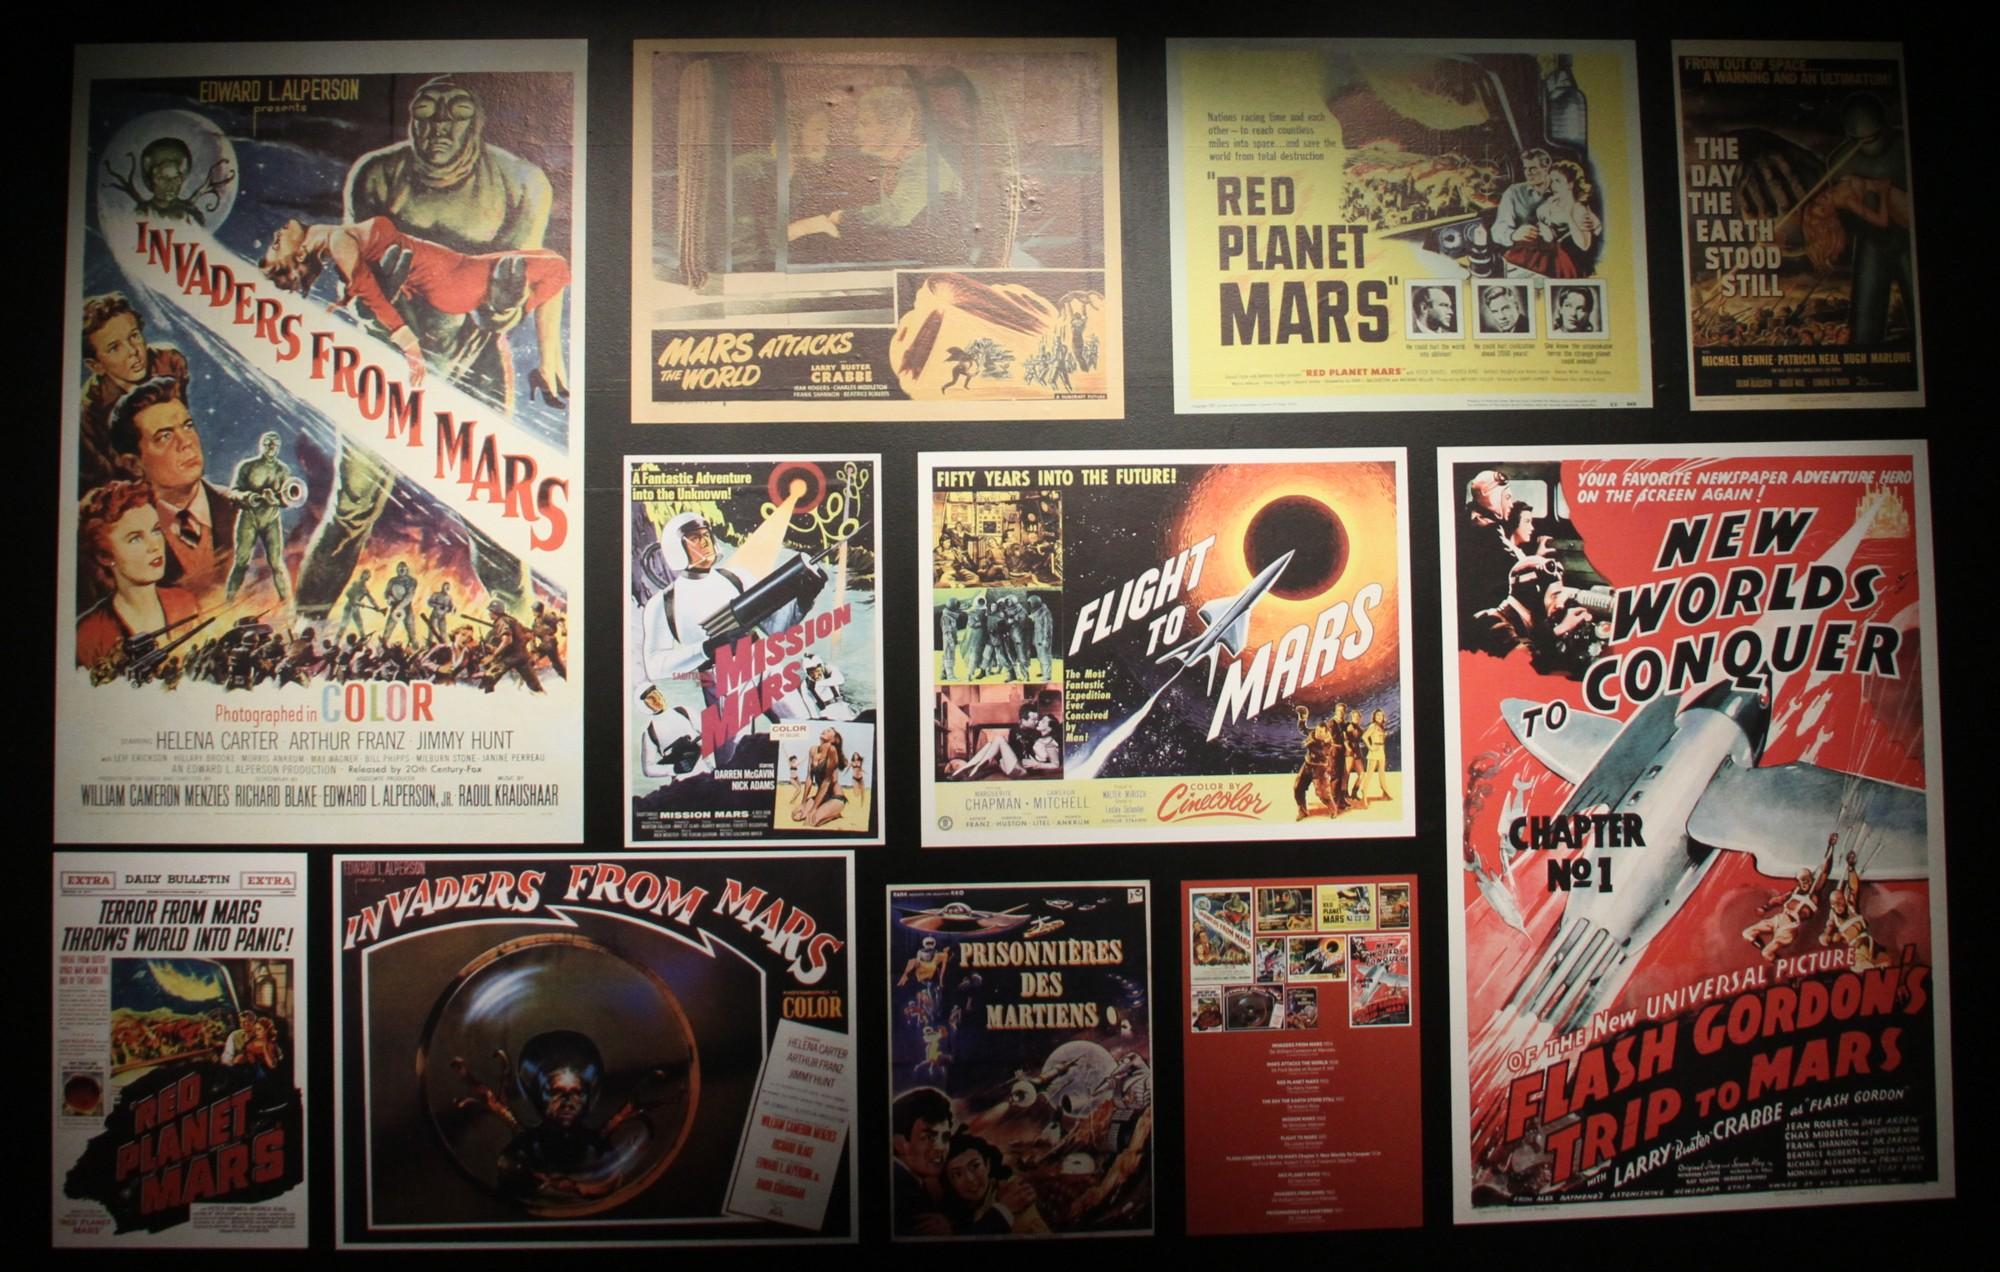 16 02 18 - 15h 36m 03s - Explorez Mars Palais de la Découverte r